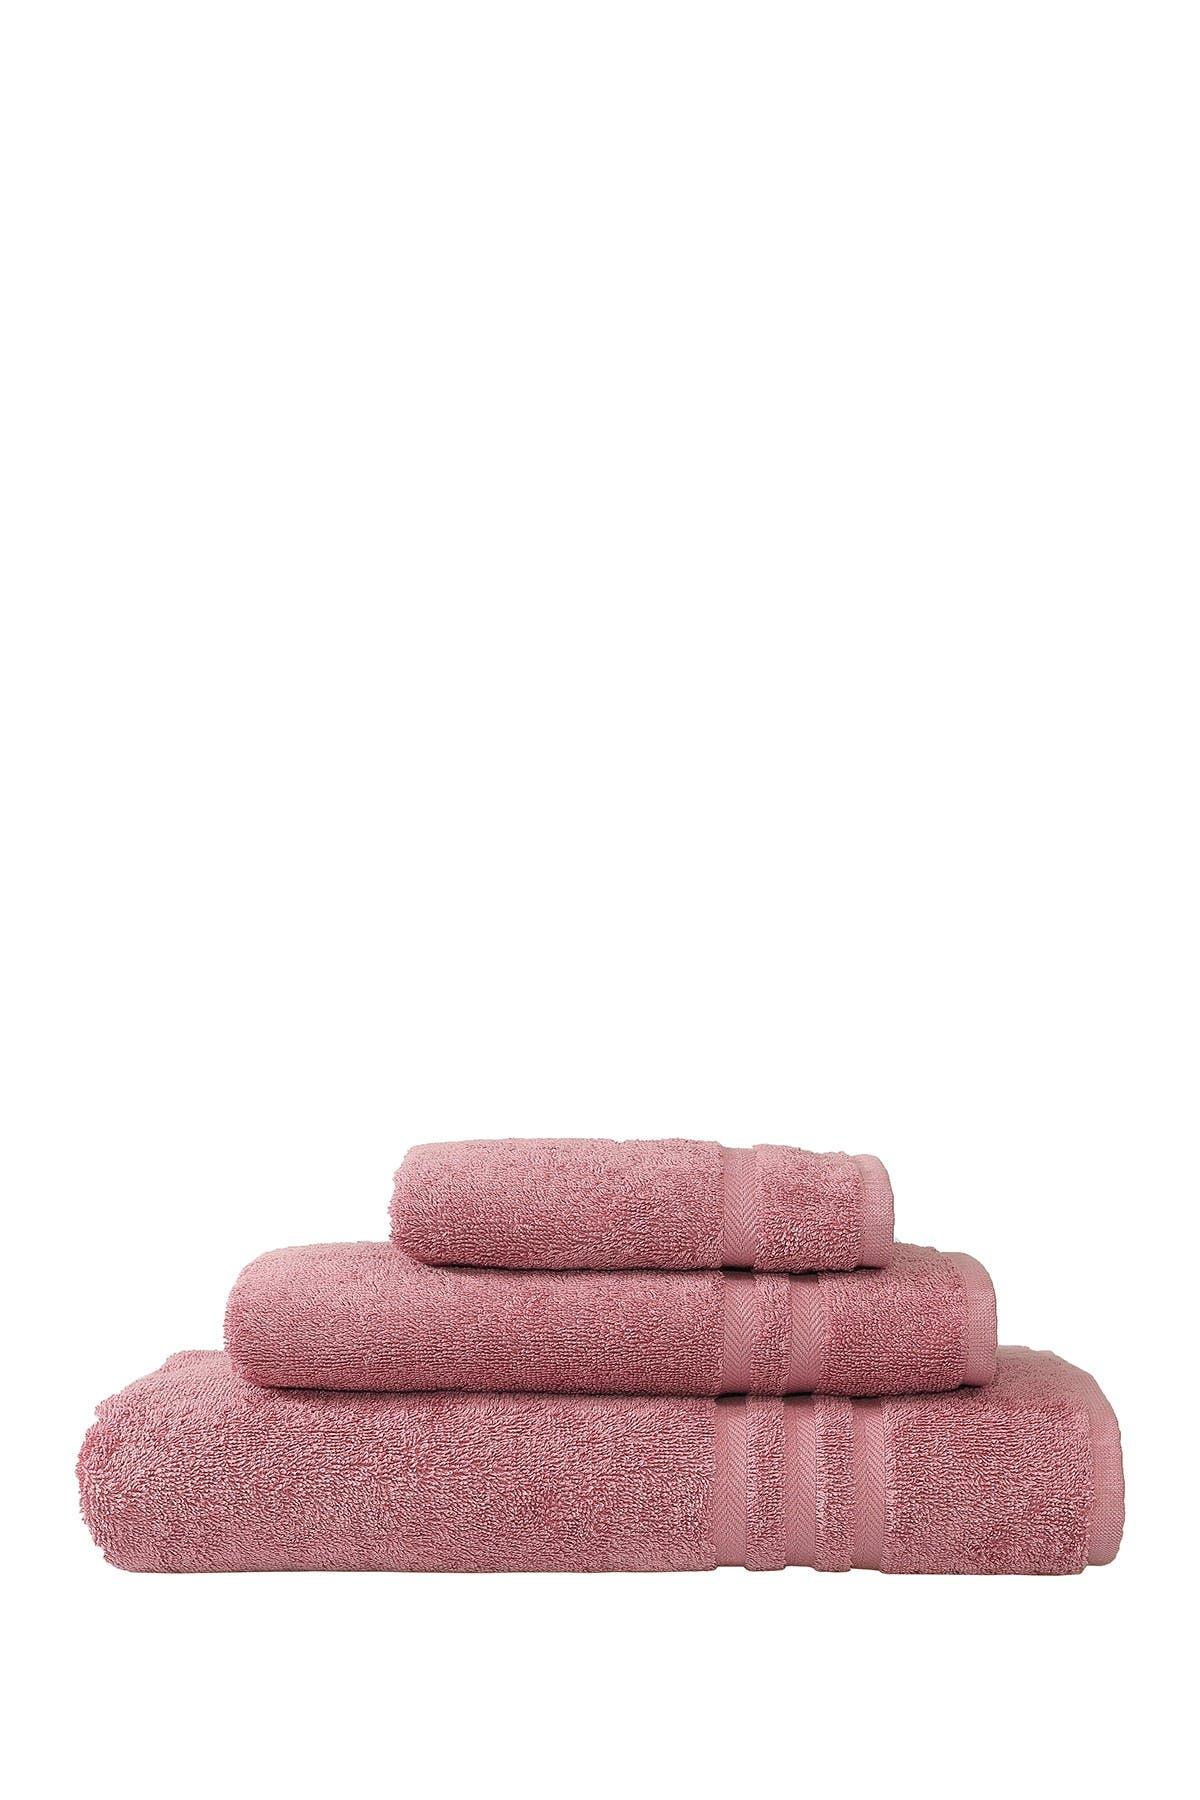 Image of LINUM HOME Denzi 3-Piece Towel Set - Tea Rose